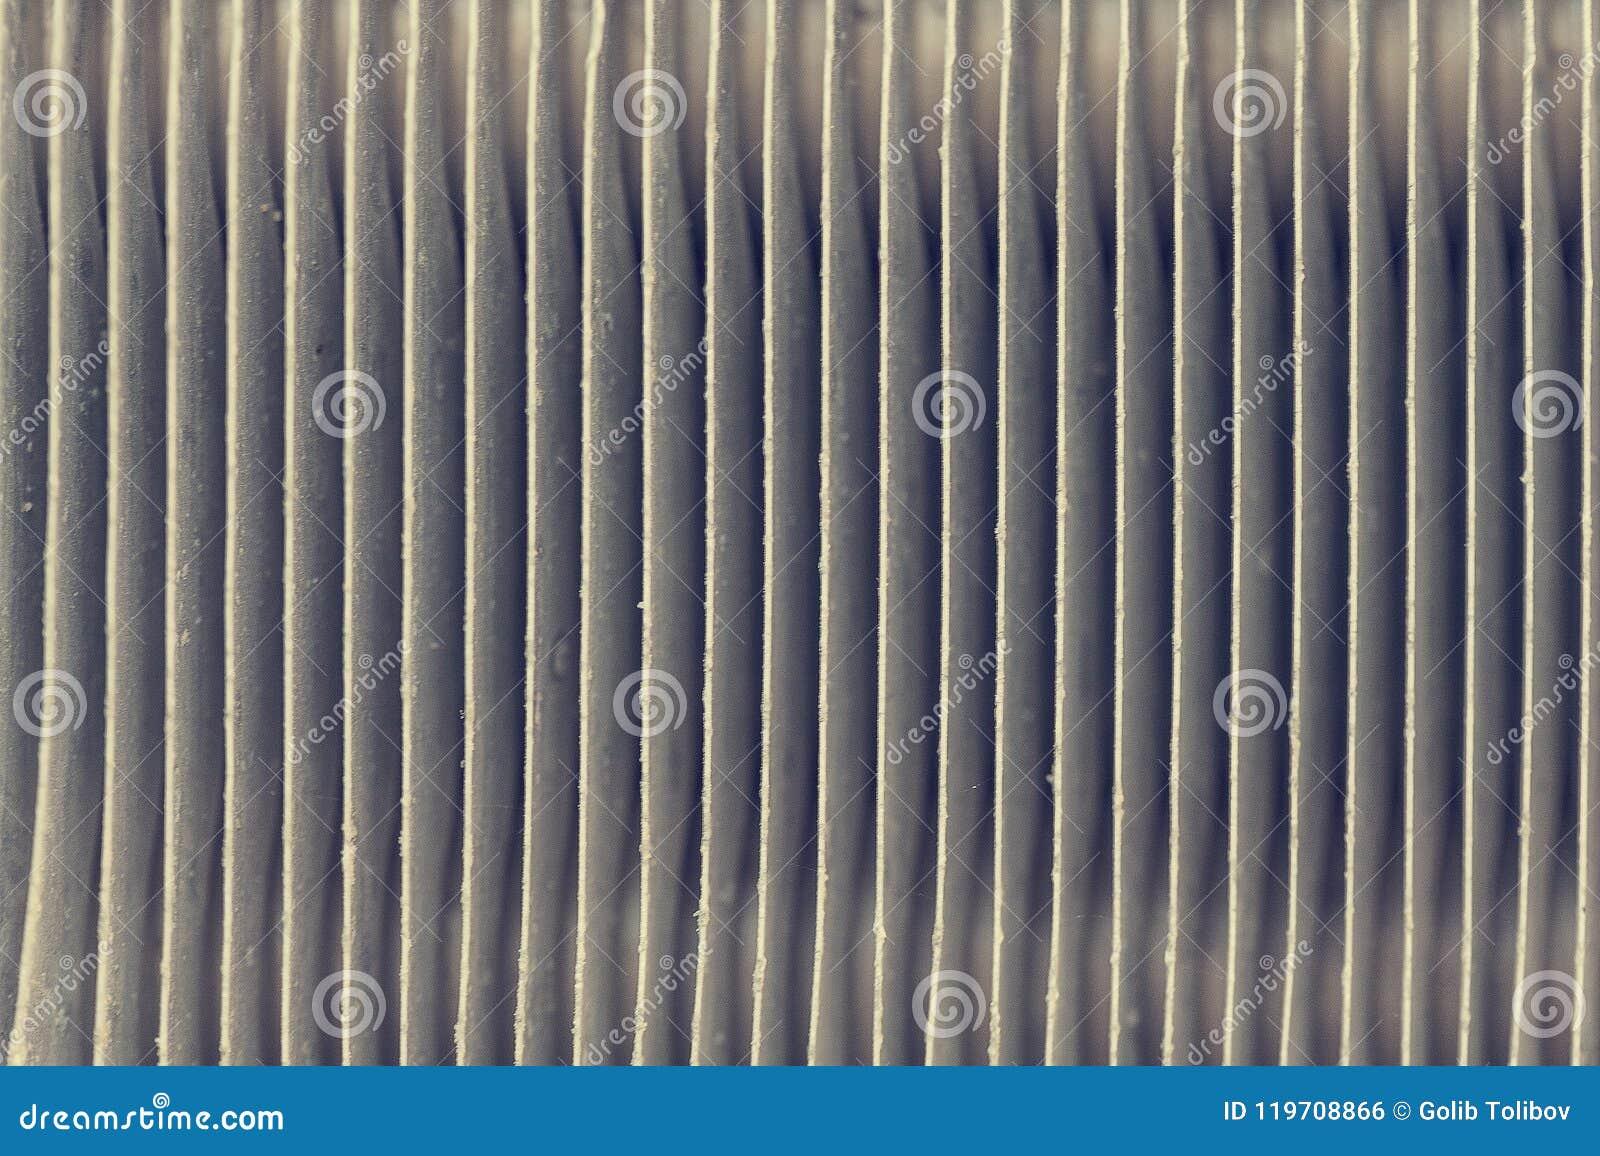 Закройте вверх по текстуре блока конденсатора кондиционера автомобиля Радиатор оборудования связи тонизированное изображение